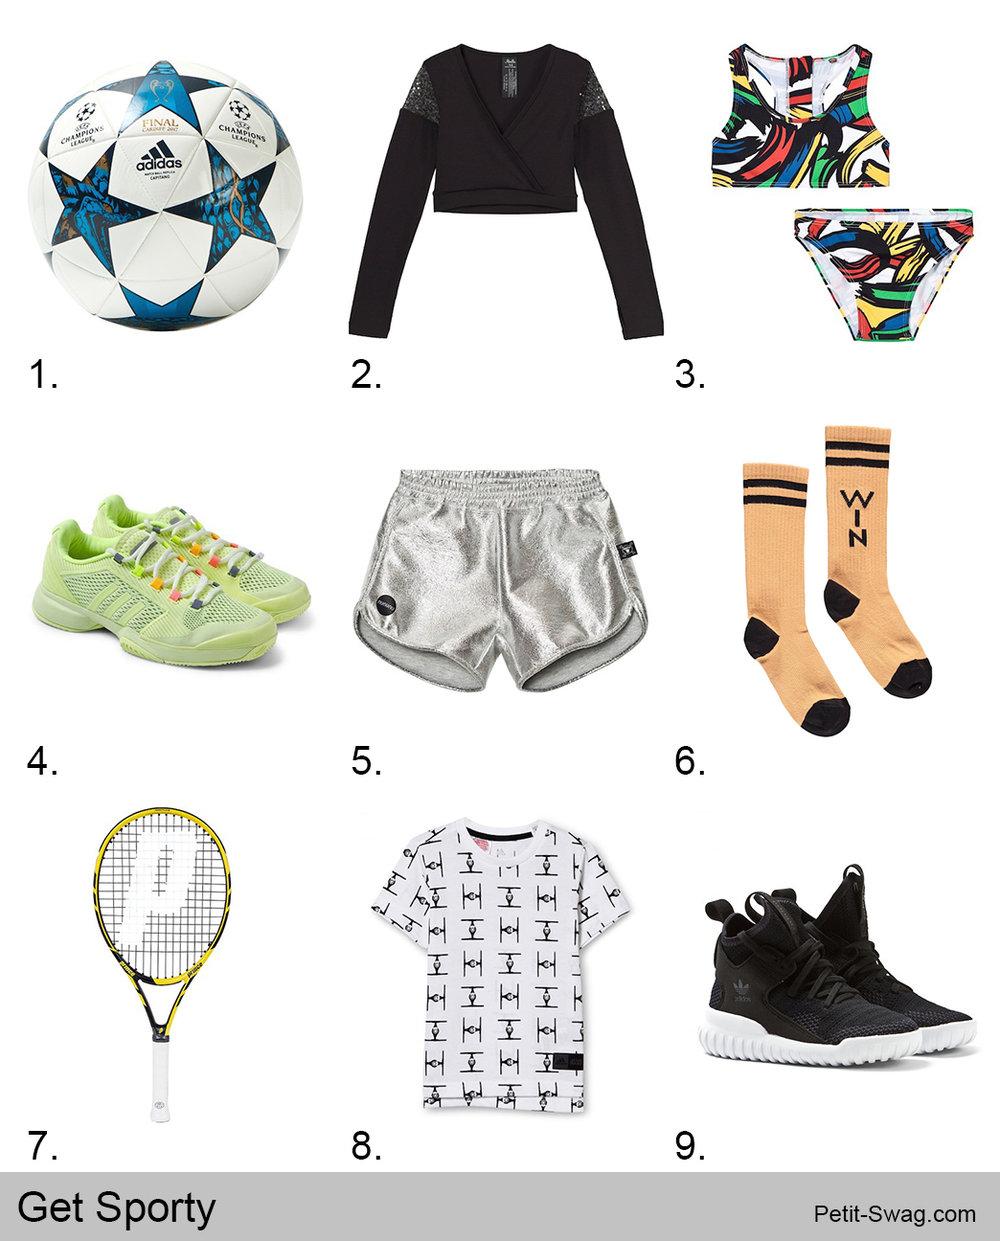 Get Sporty | Petit-Swag.com